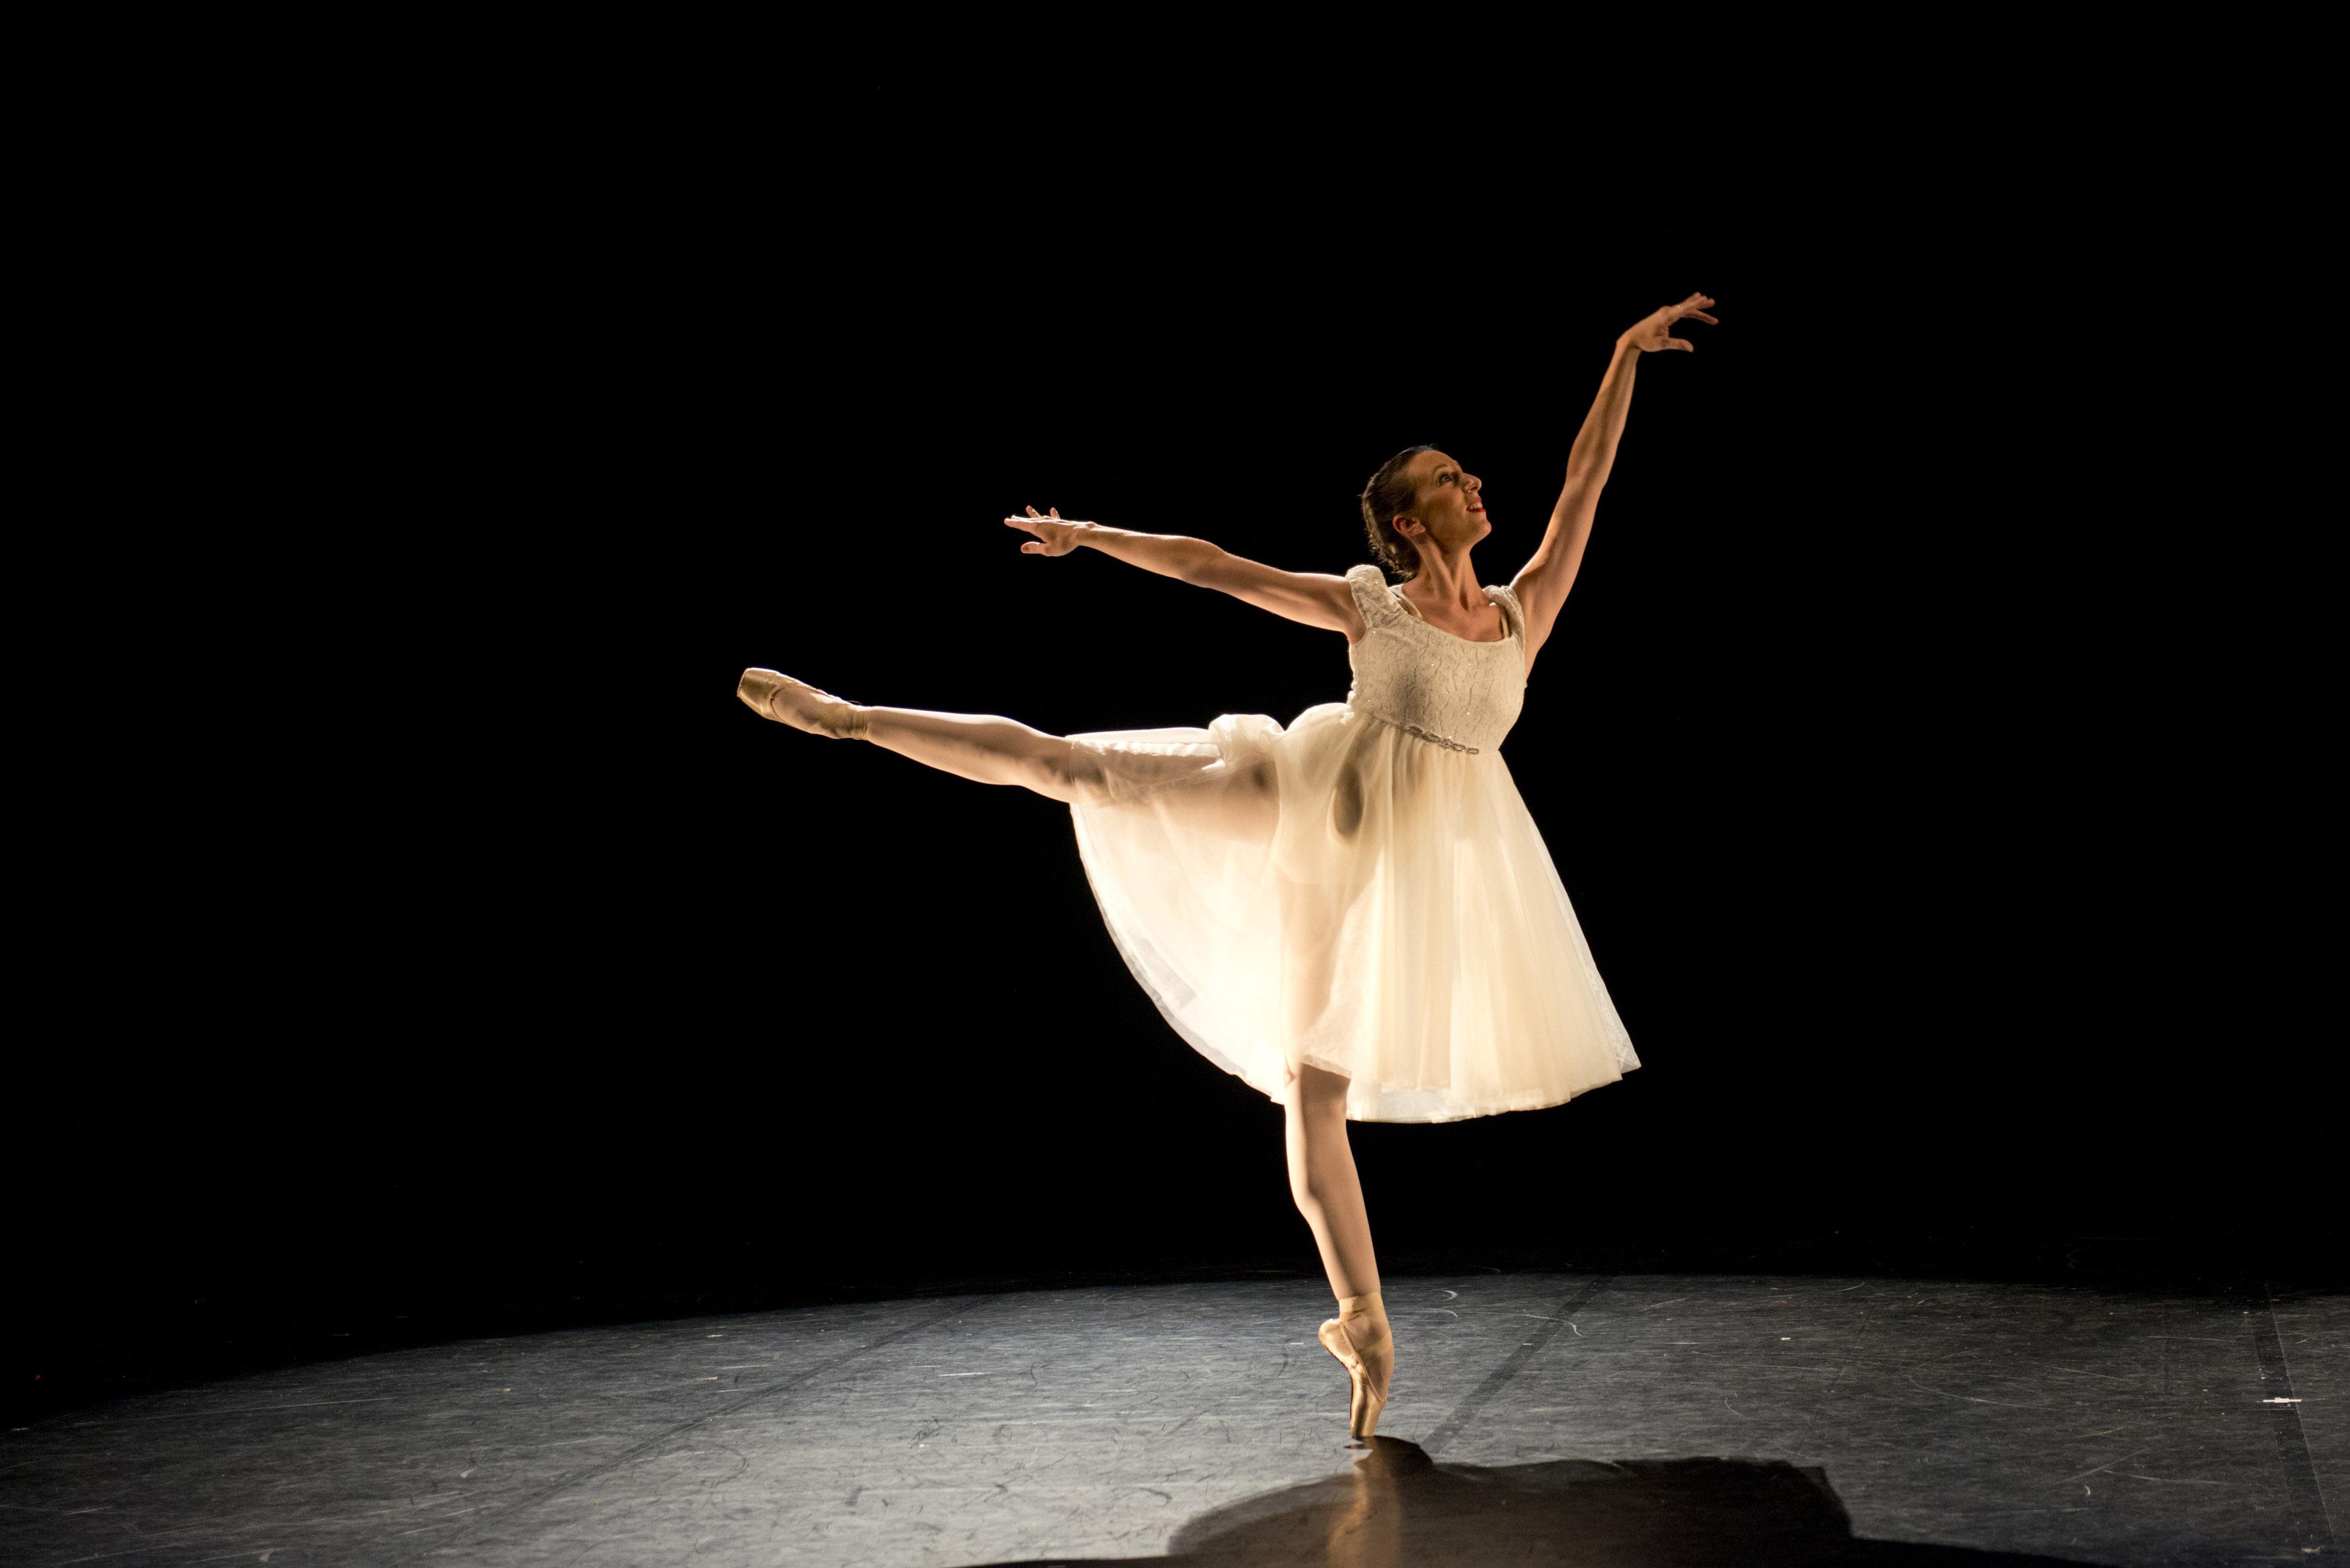 Danse classique atelier danse albi for Exercices barre danse classique